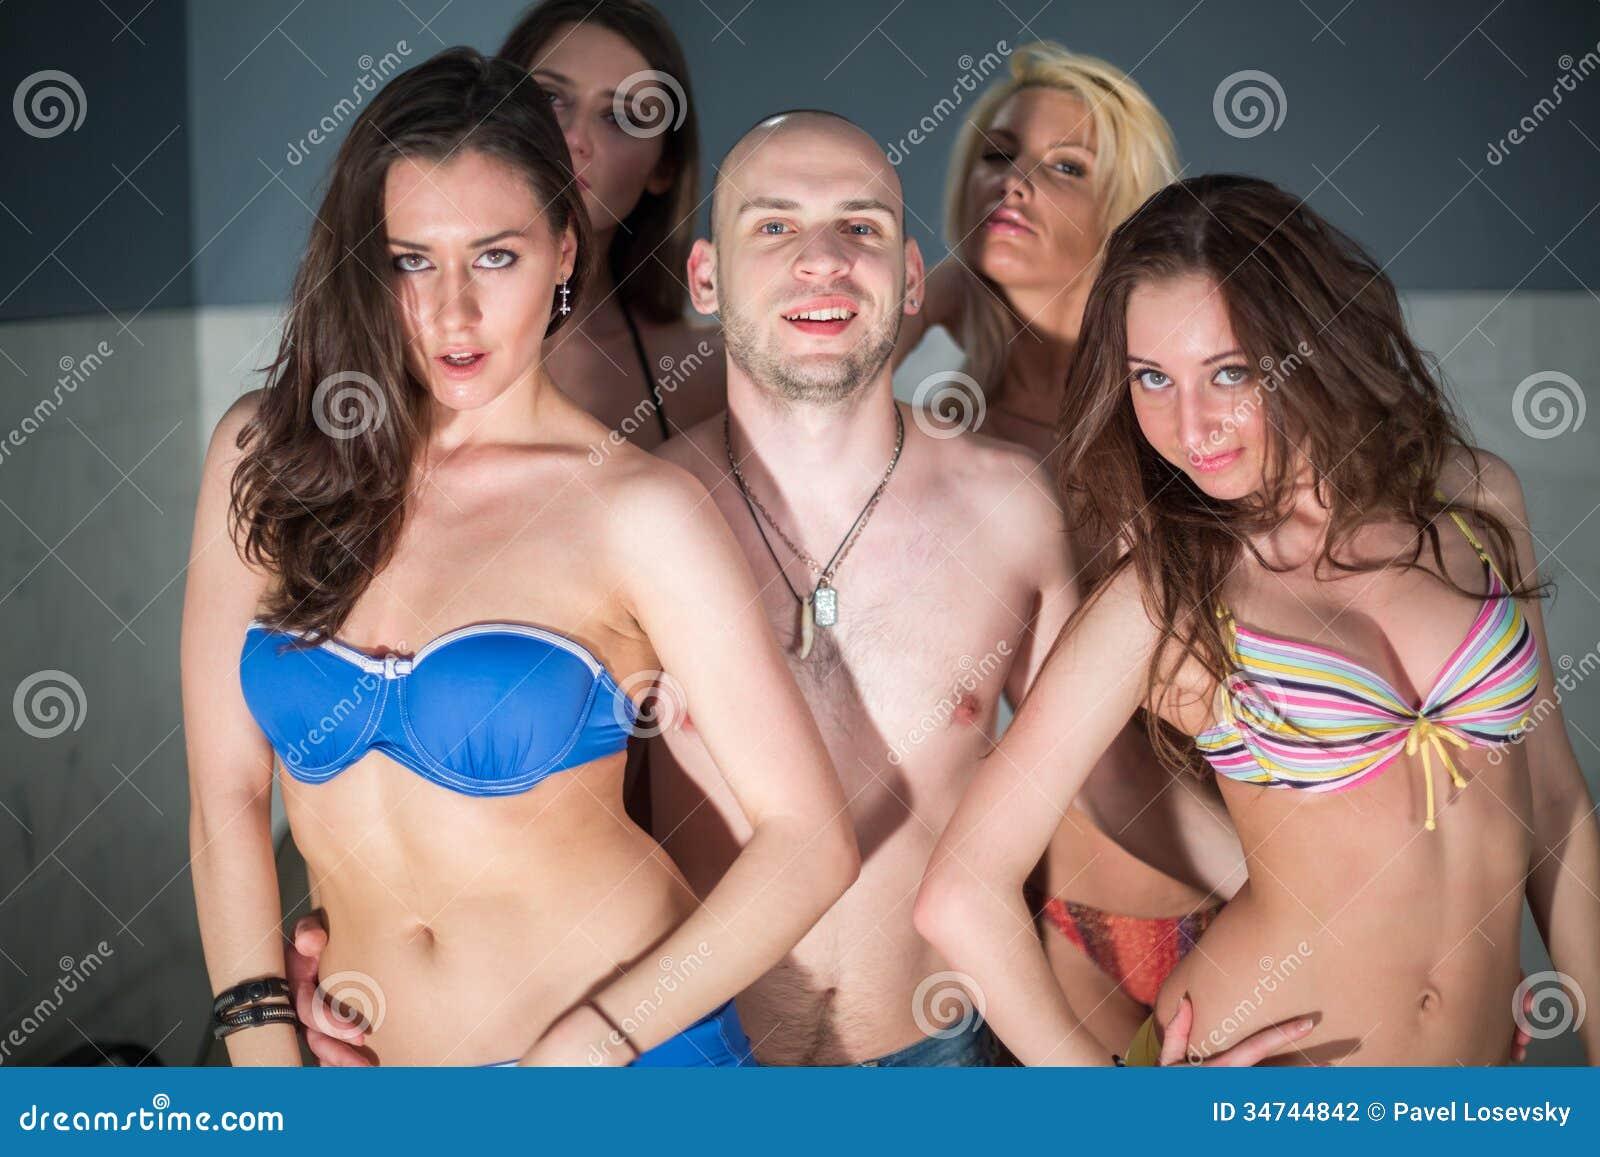 Free porno older women